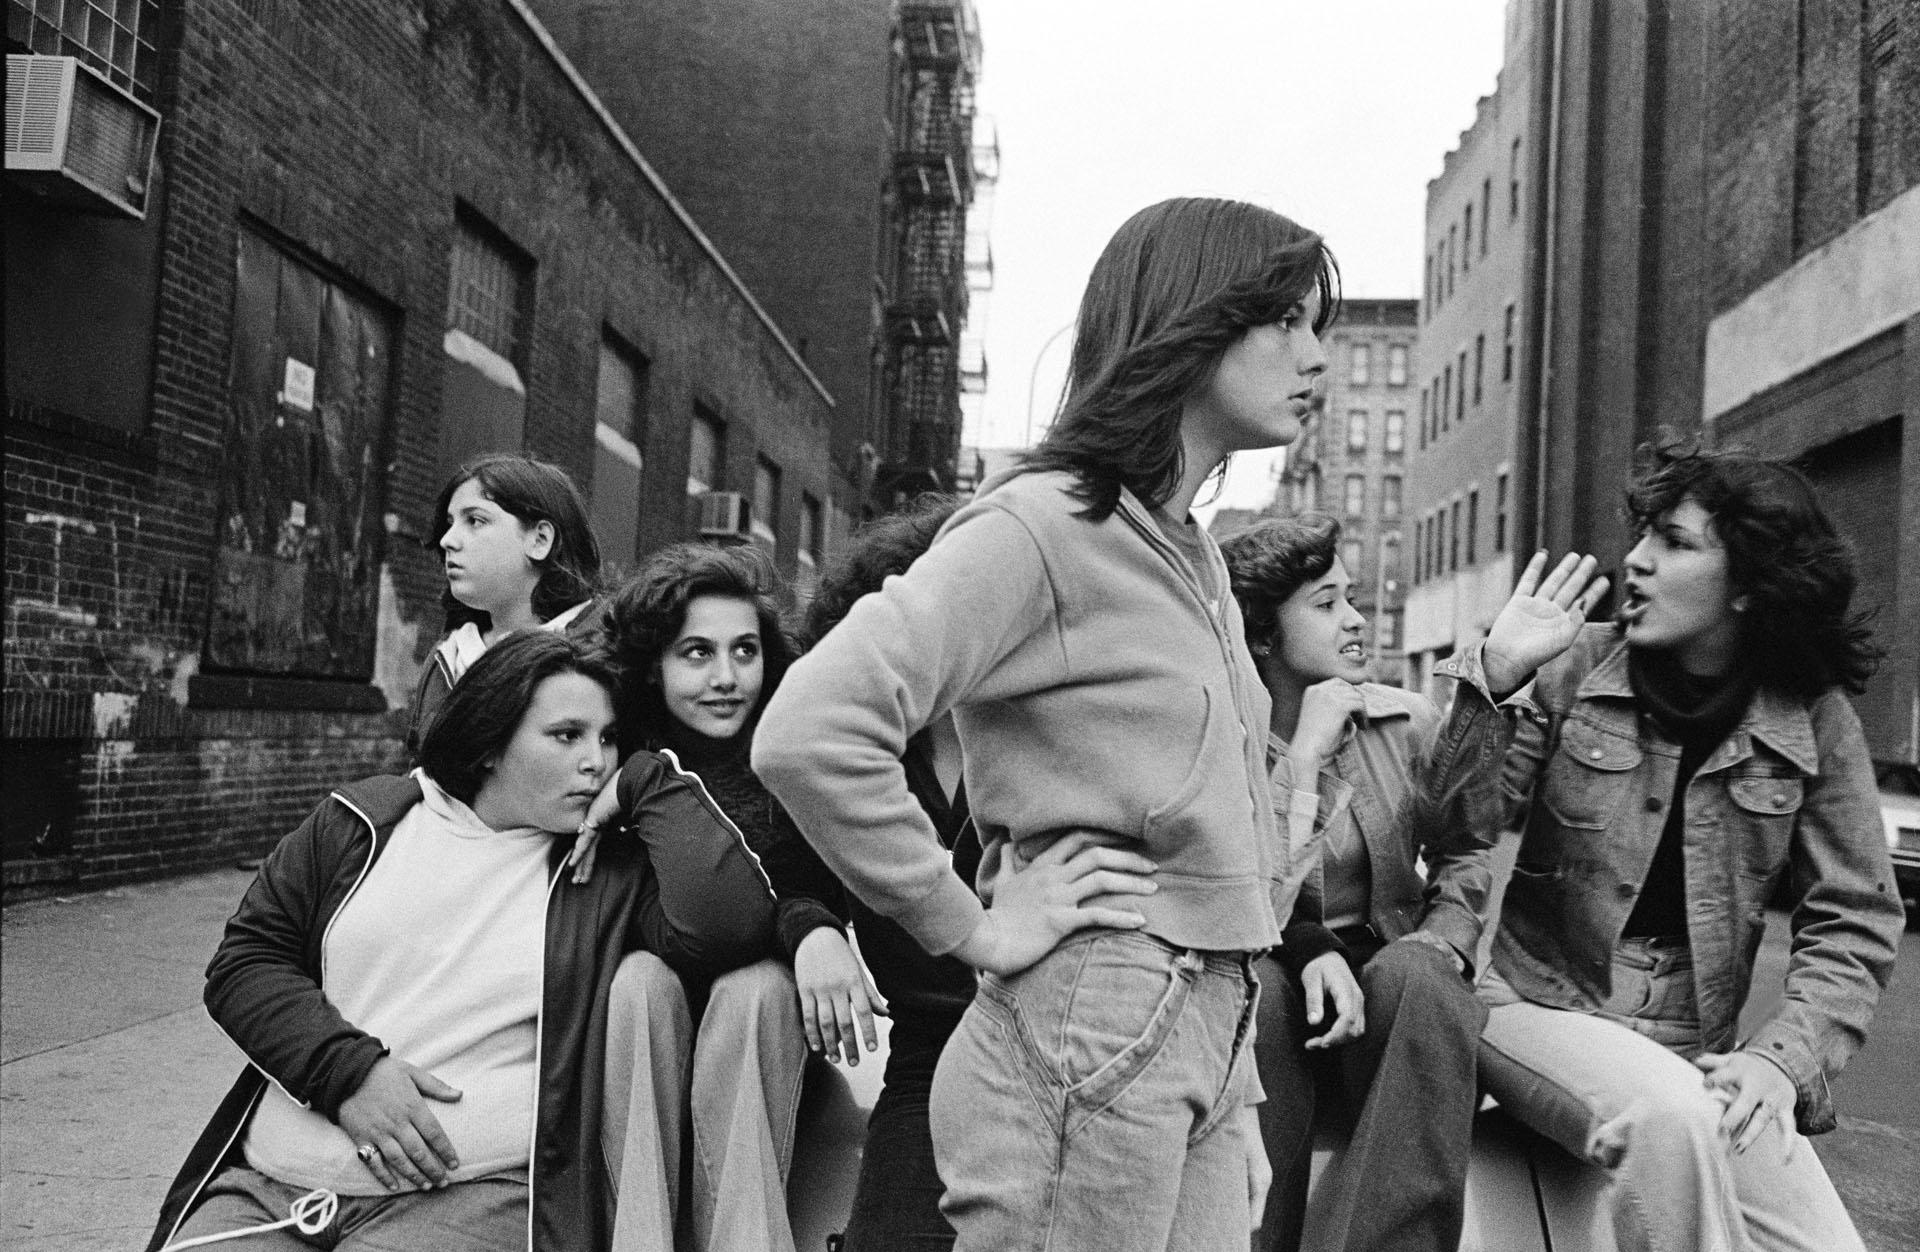 Passeando na rua Baxter, Little Italy, Nova York, EUA, 1978. Da série As meninas da rua Prince. © Susan Meiselas/ Magnum Photos